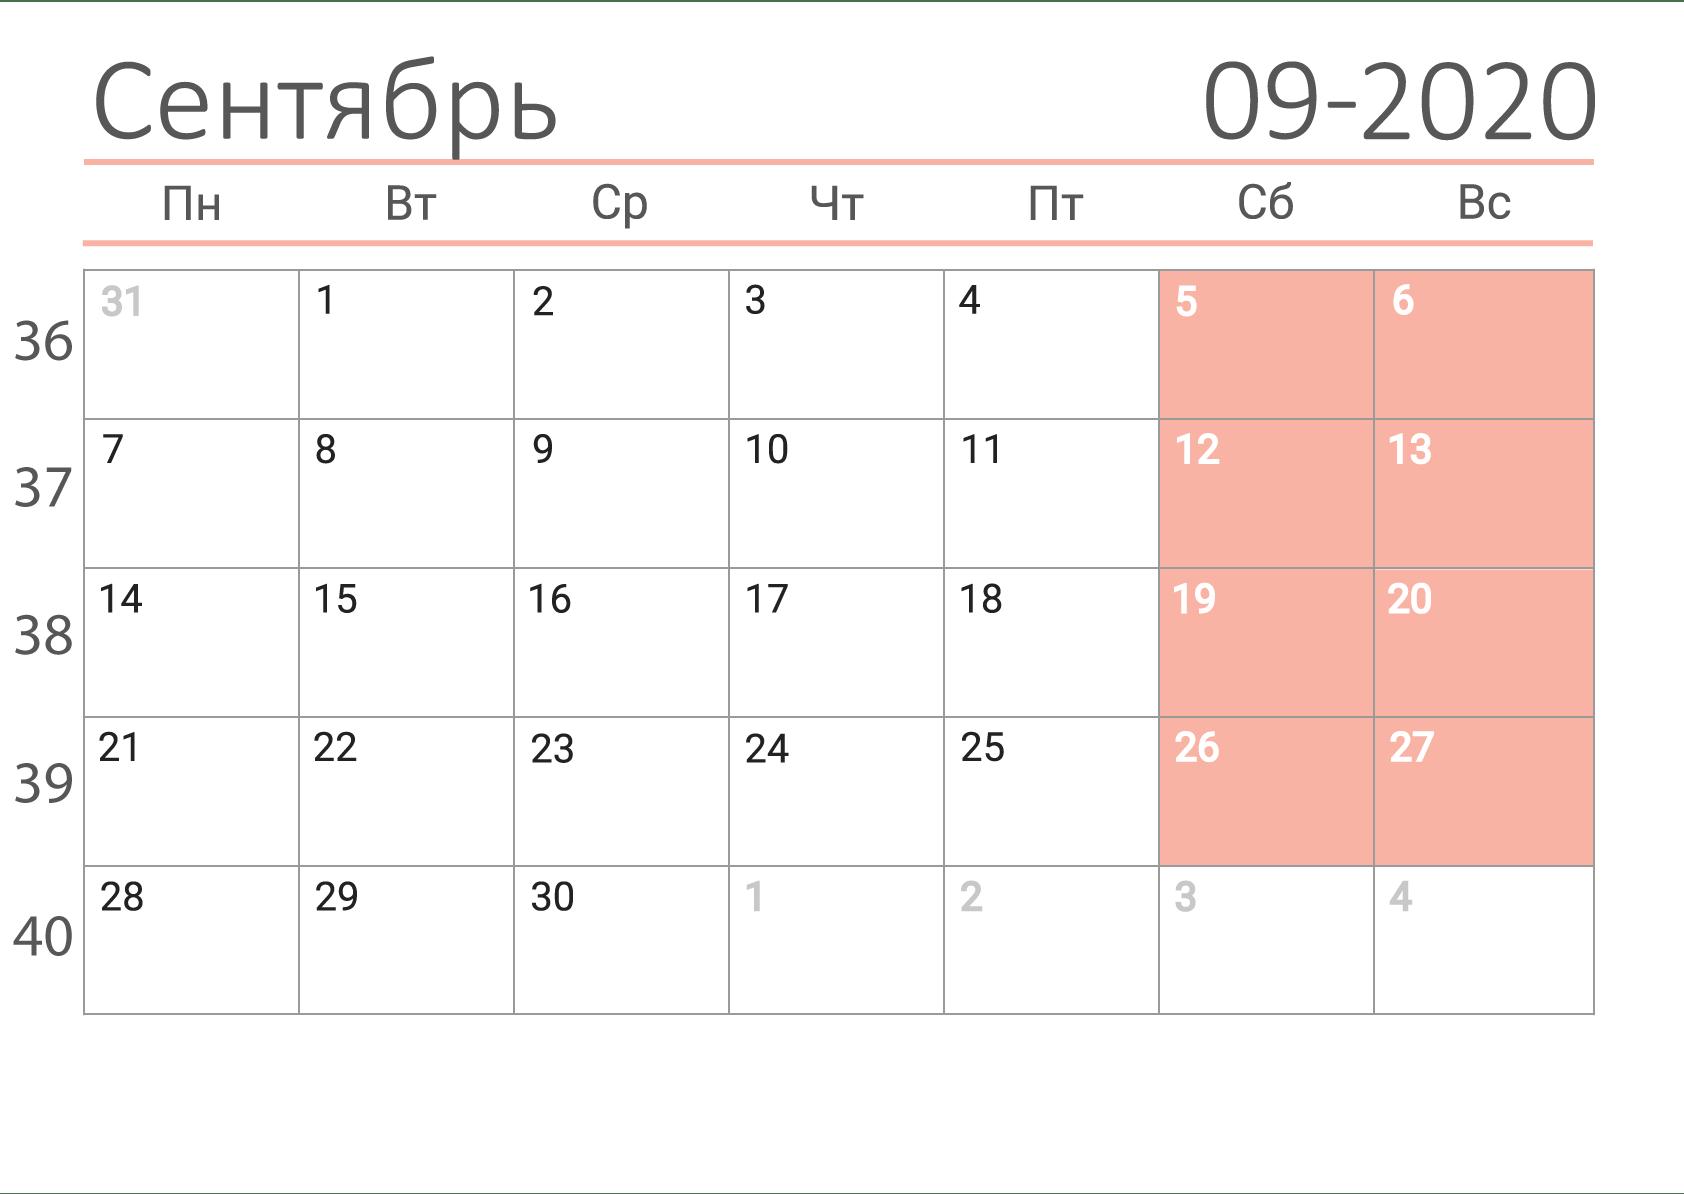 Сентябрь 2020 - Календарь в клетку с номерами недель